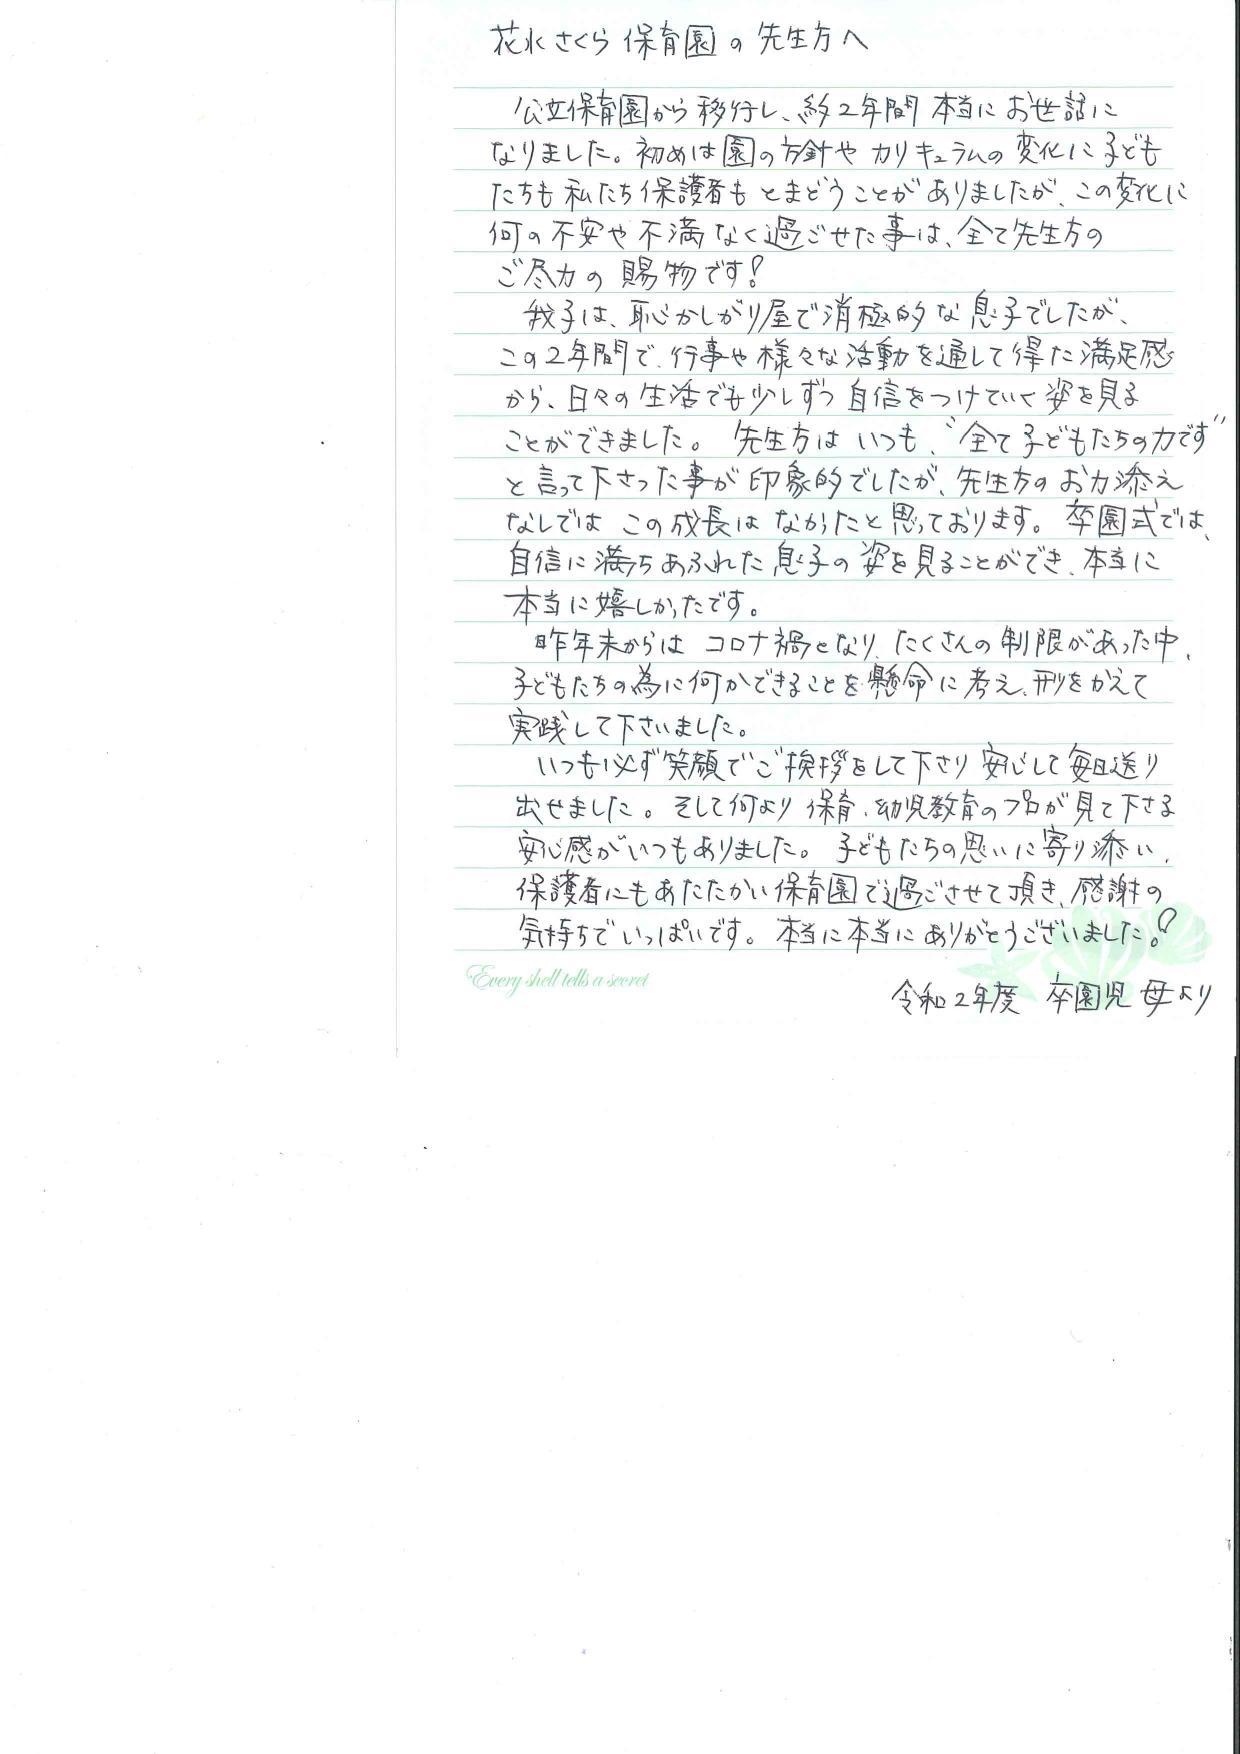 R3sakura3